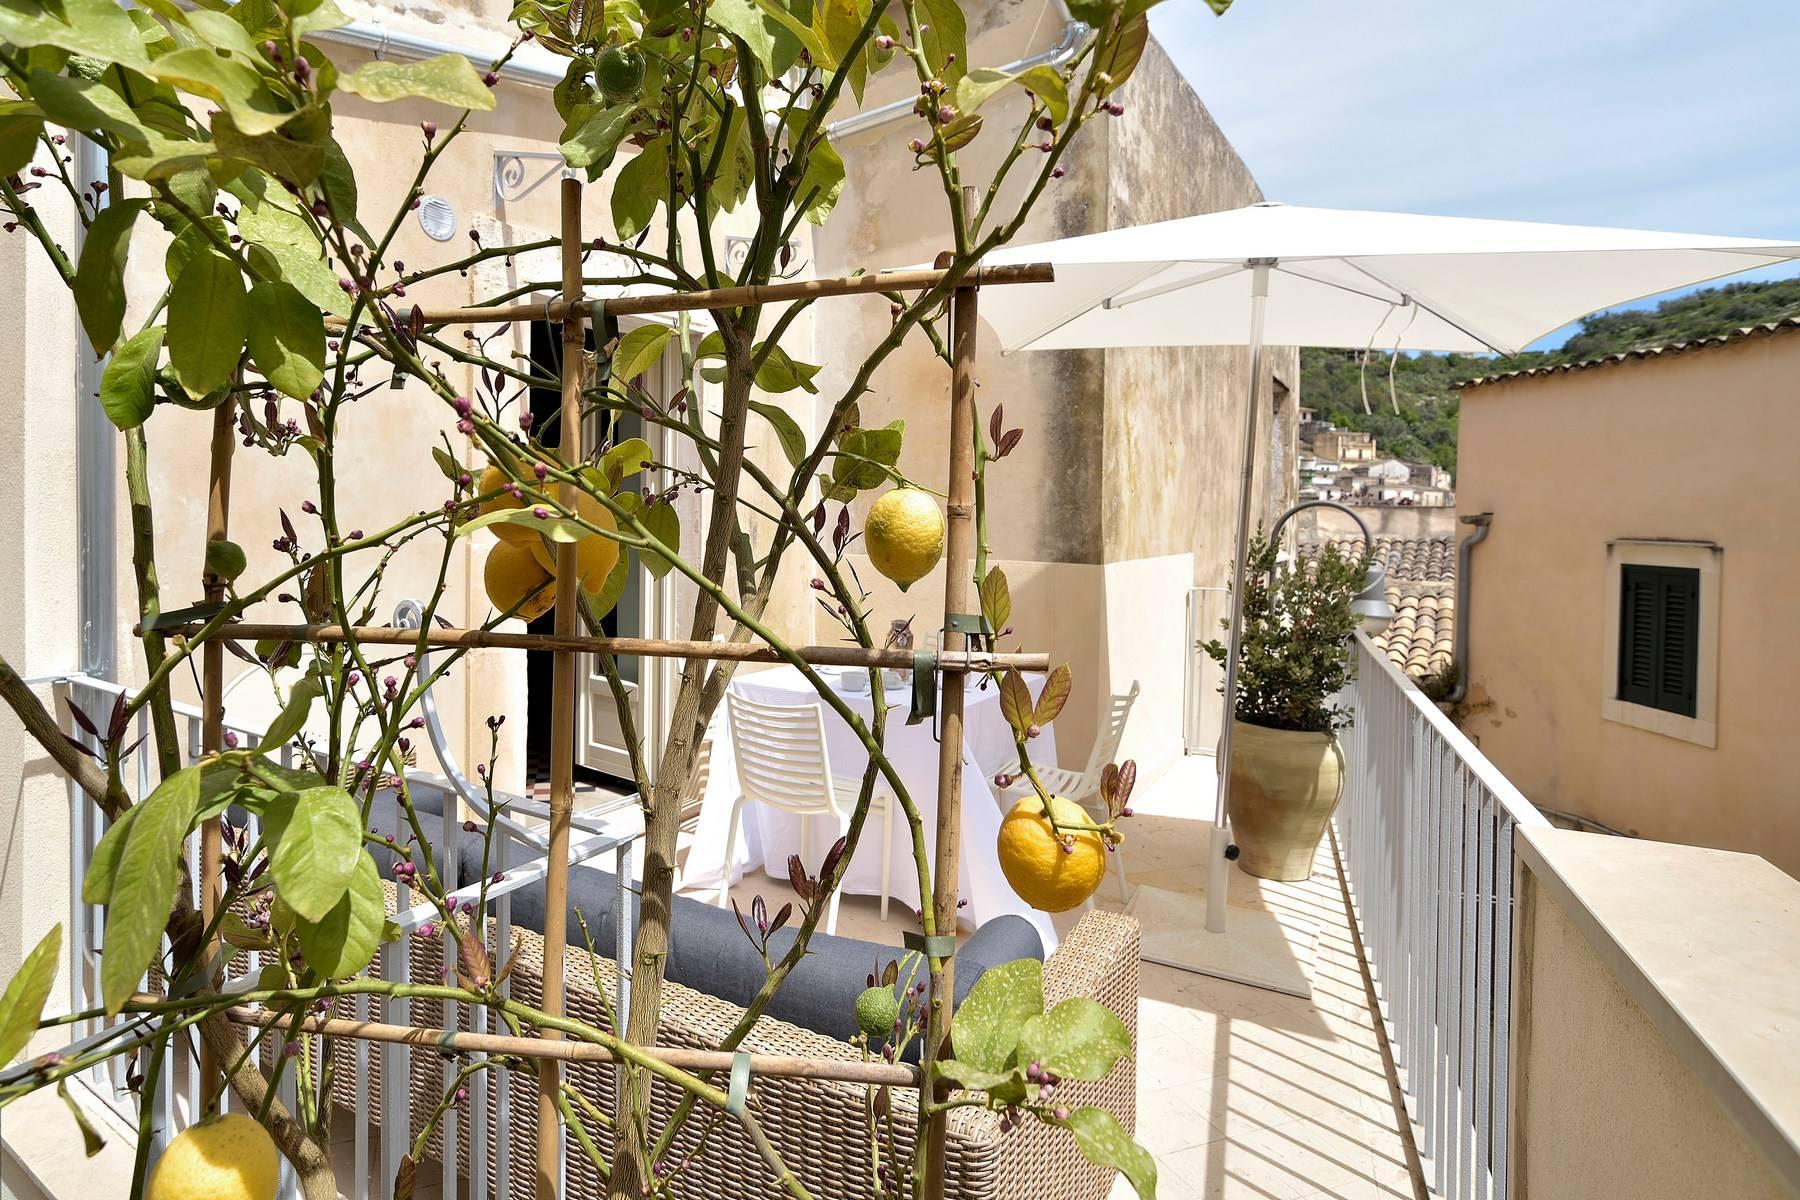 Casa indipendente in Vendita a Modica: 5 locali, 185 mq - Foto 4